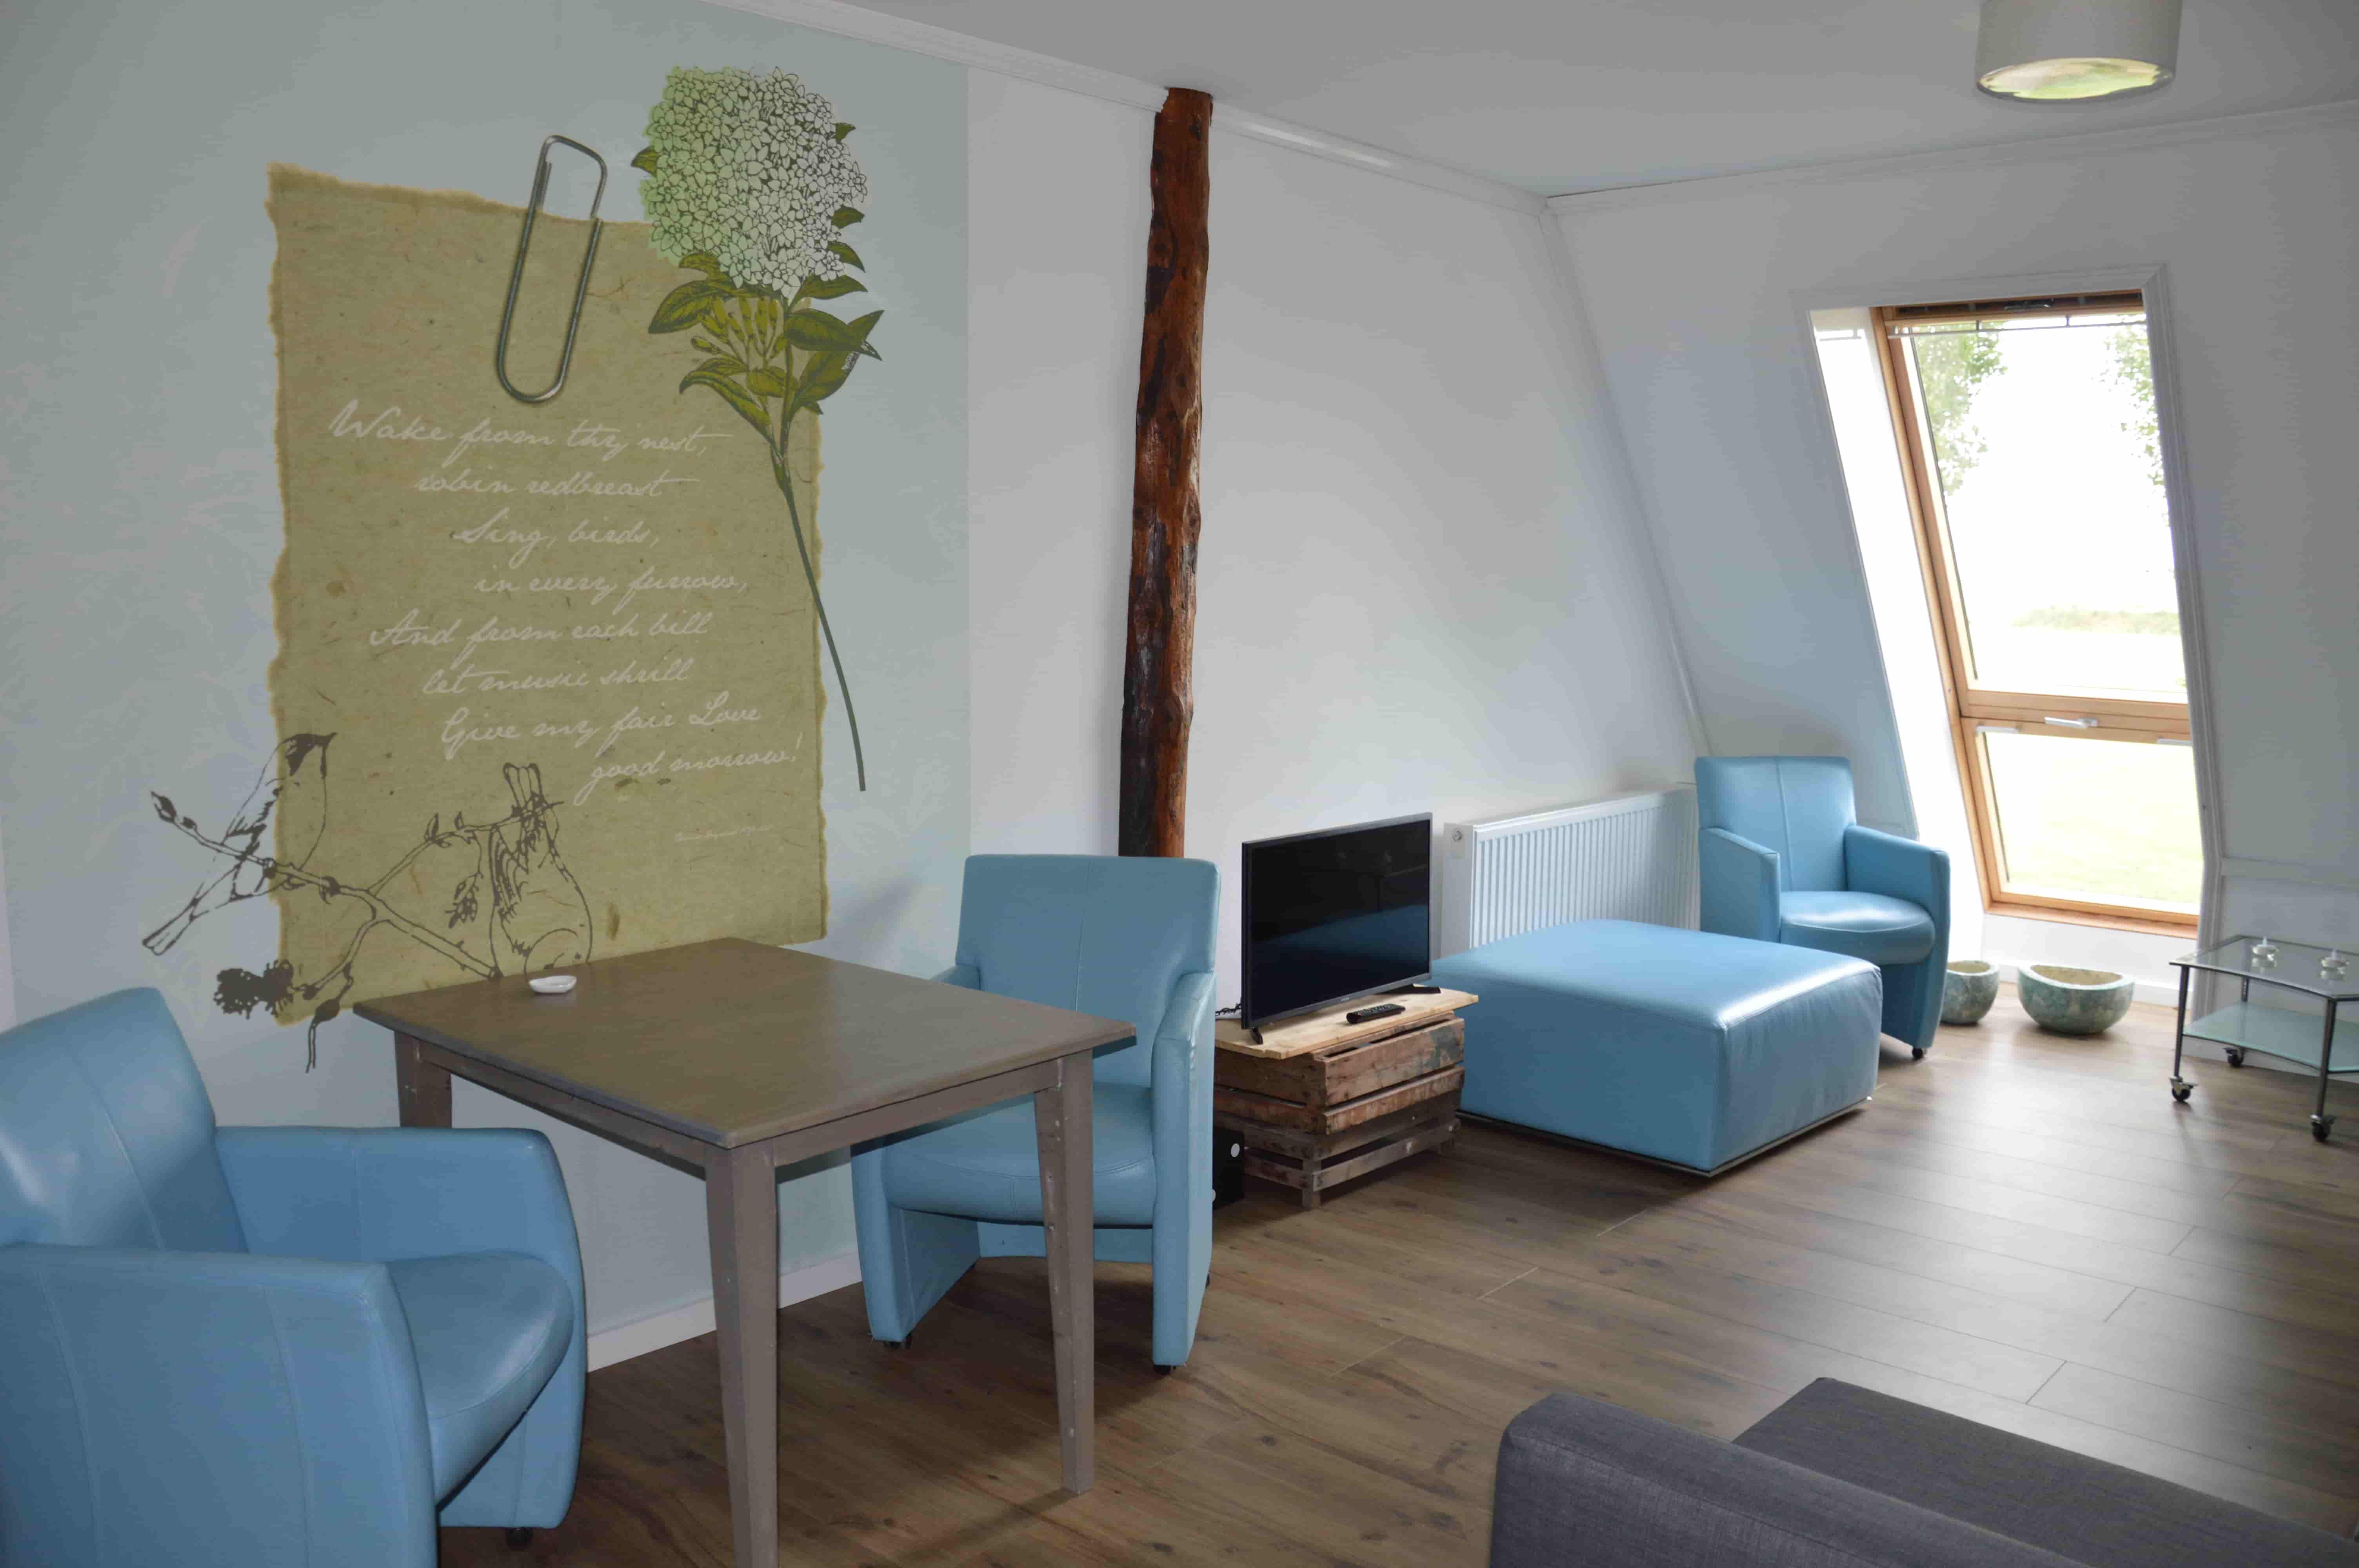 Bedstee_appartement_bed&_Breakfast_overnachten_all_inclusive_friesland_noord_nederland_woonkamer